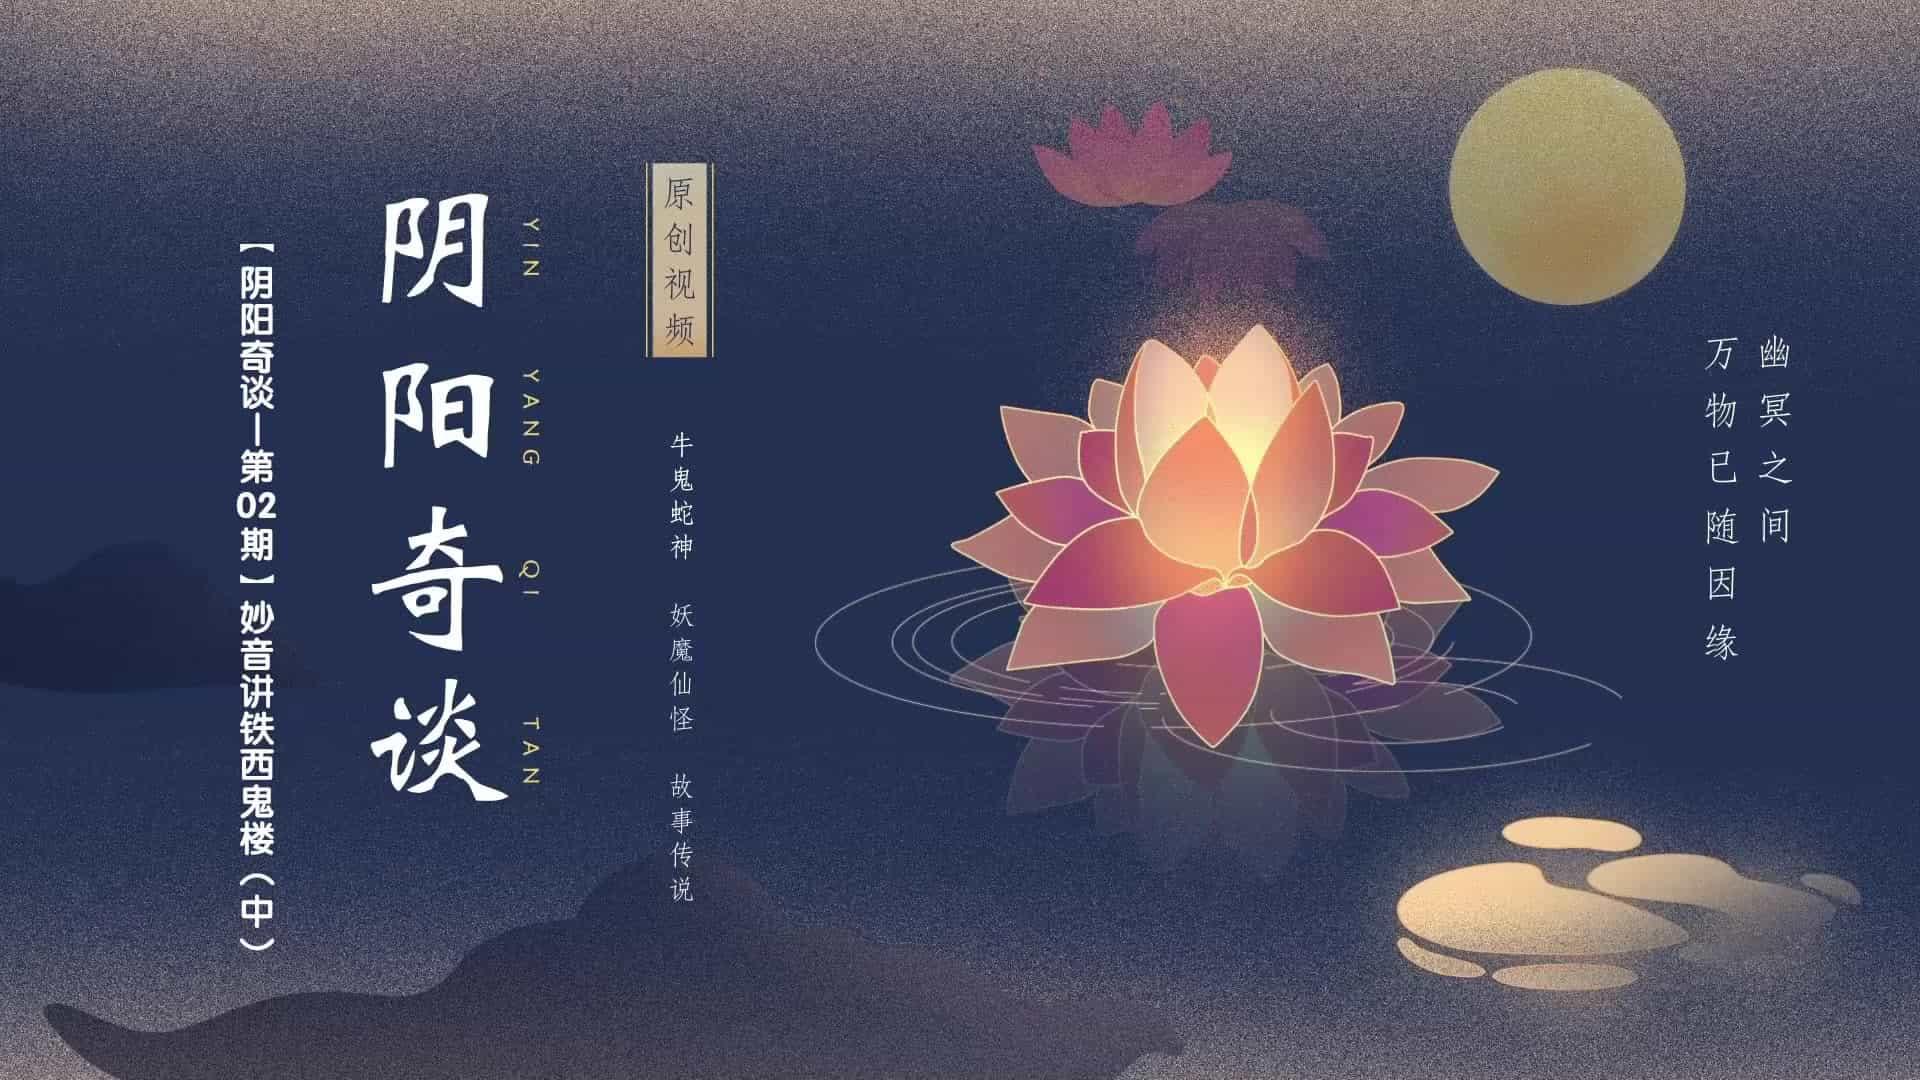 【阴阳奇谈_第02期】妙音讲沈阳鬼楼(中)